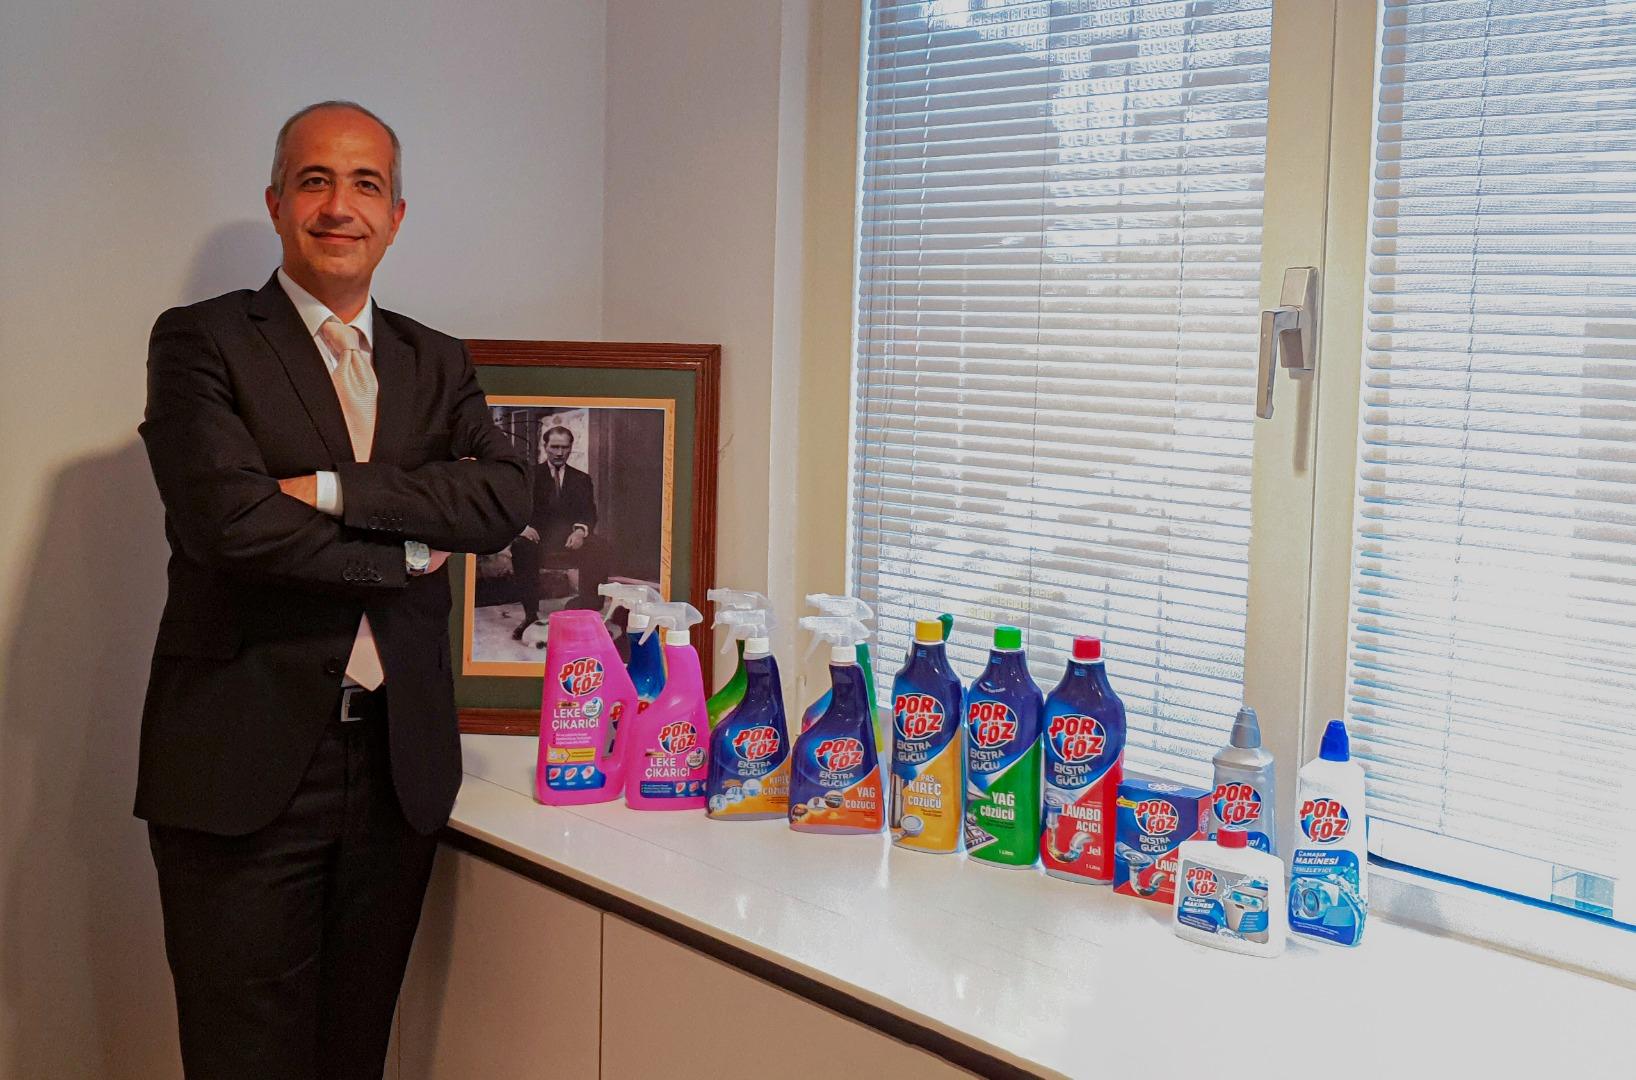 Levent Kimya'nın genel müdürü değişti